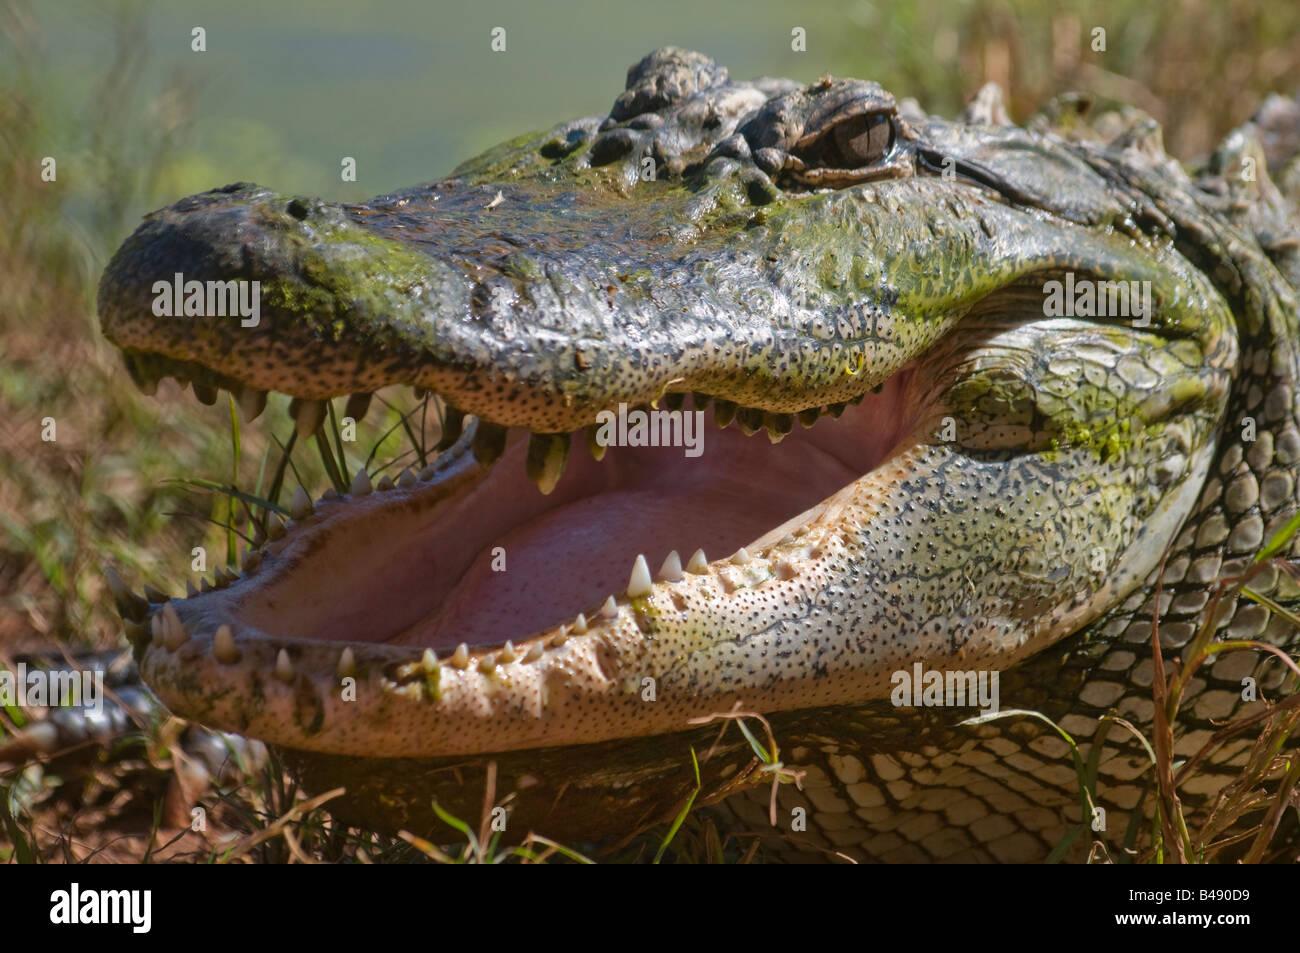 Australian Estuarine salt water crocodile Crocodylus porosus - Stock Image